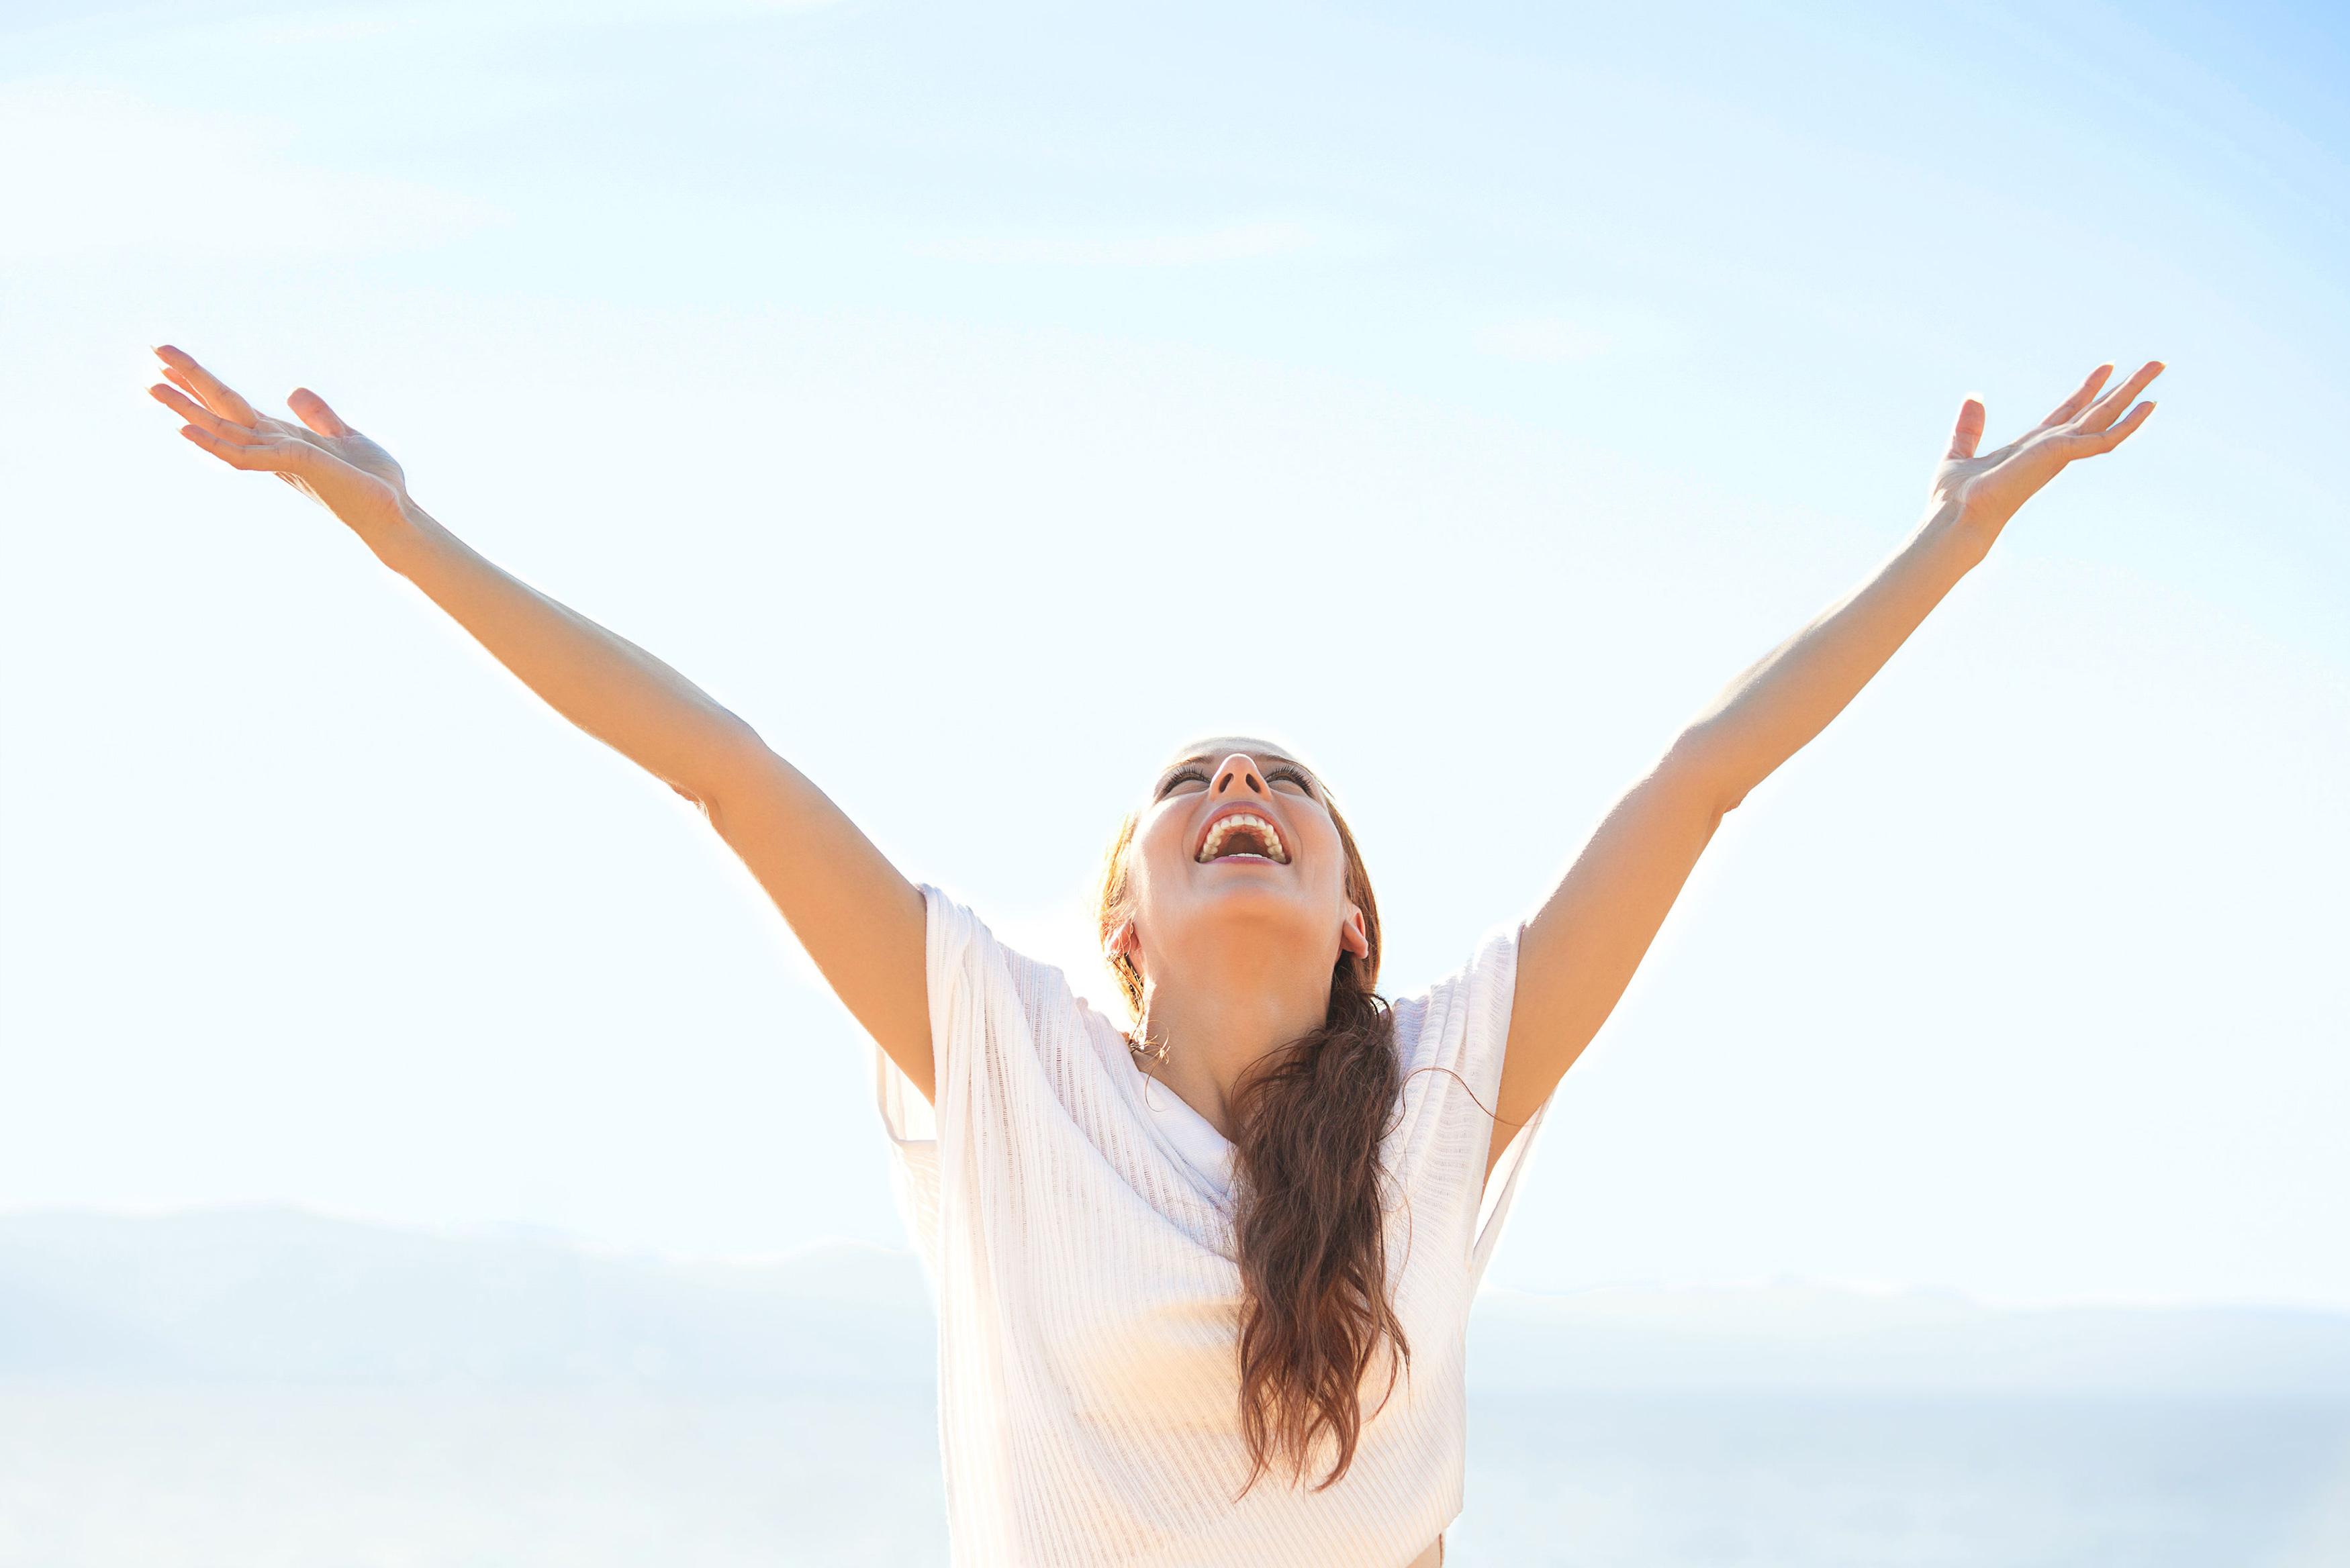 трогательном картинки на успех и счастье что